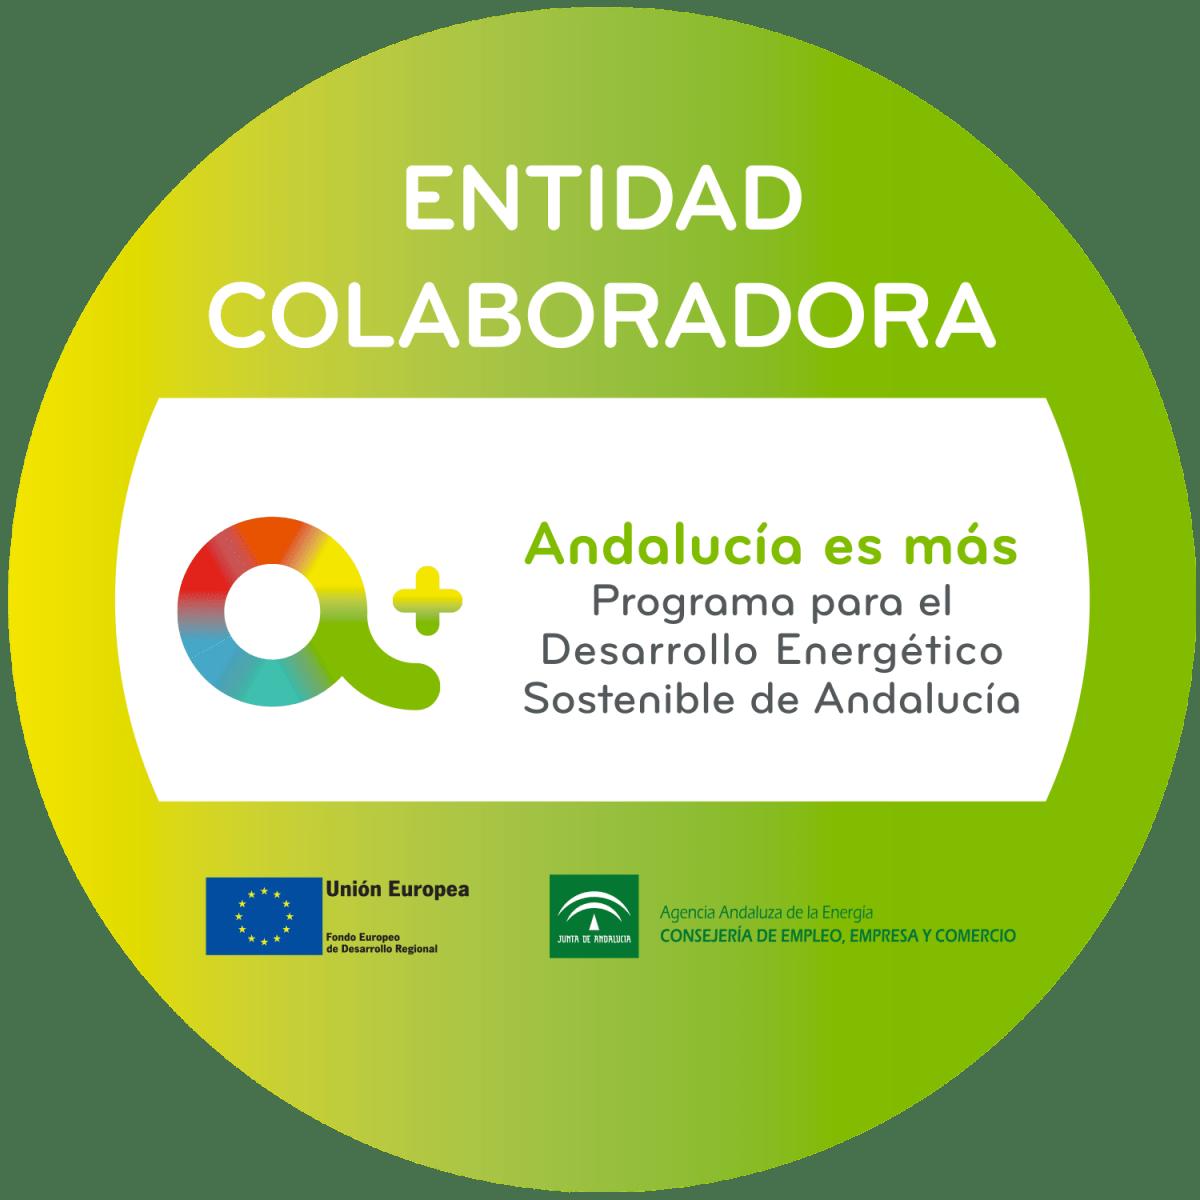 Somos Empresa Colaboradora de la Agencia Andaluza de la Energía para el Programa de Desarrollo Energético Sostenible de Andalucía.